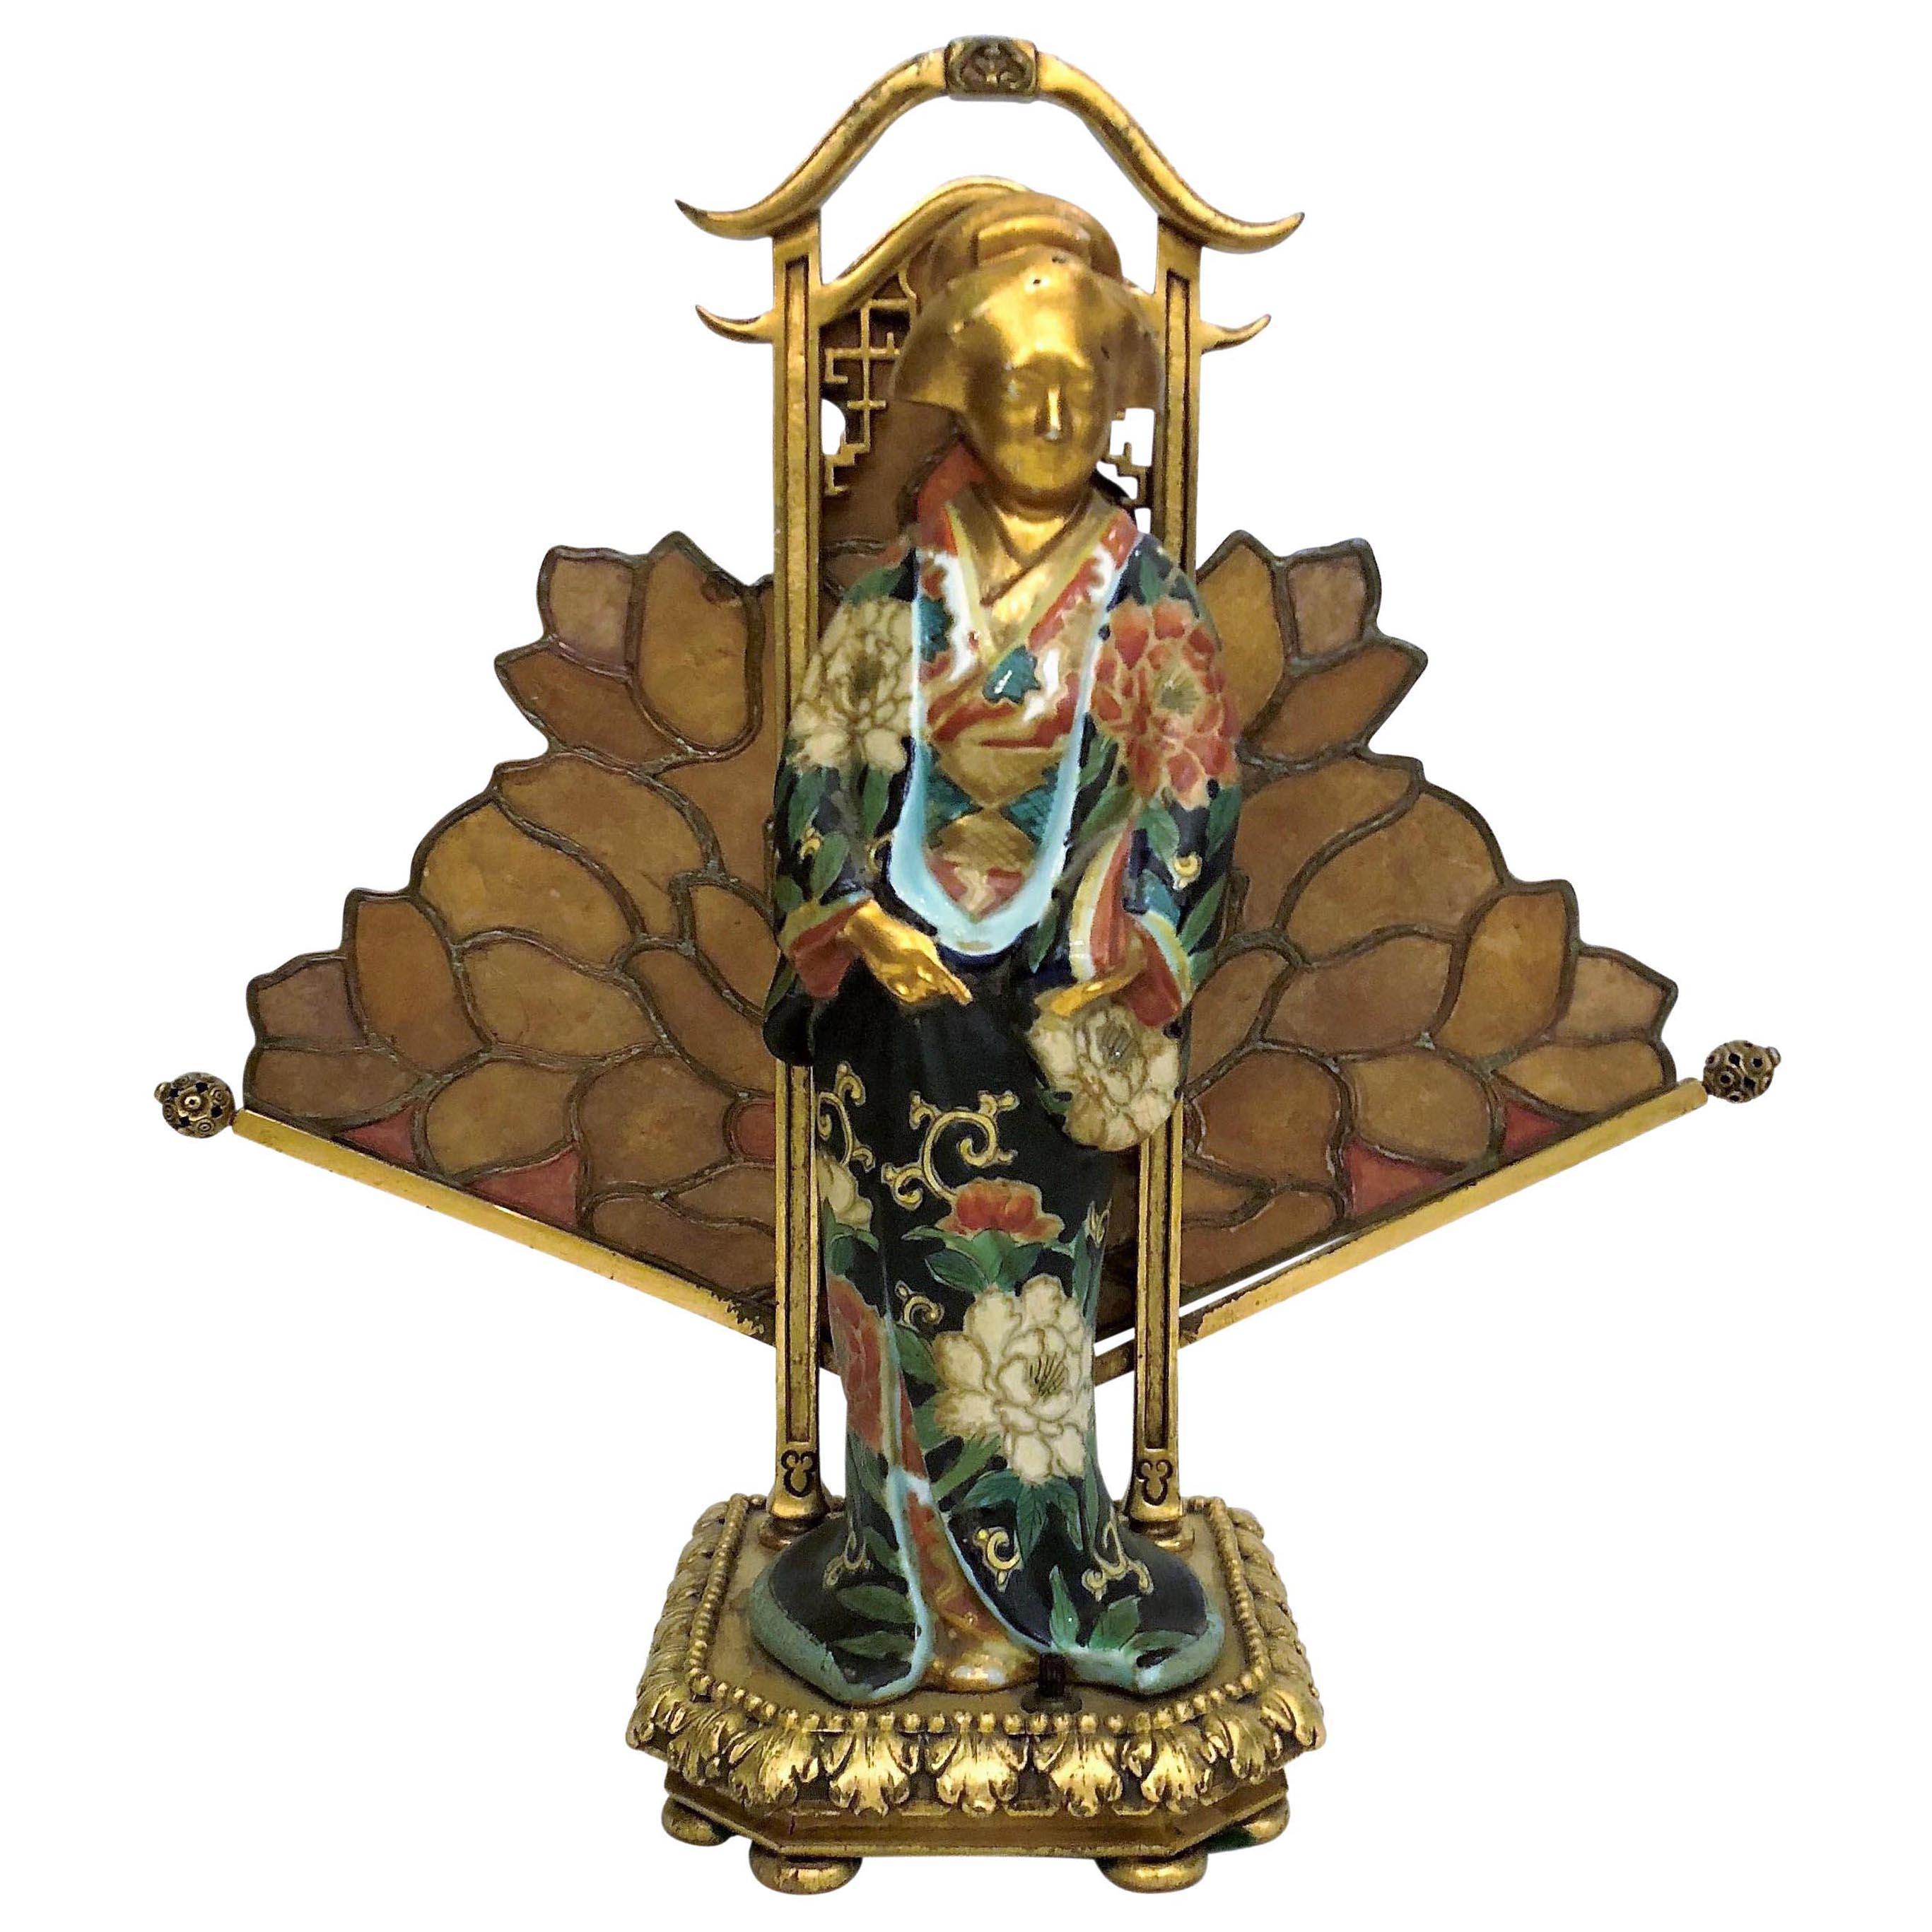 Antique French Art Nouveau Lamp